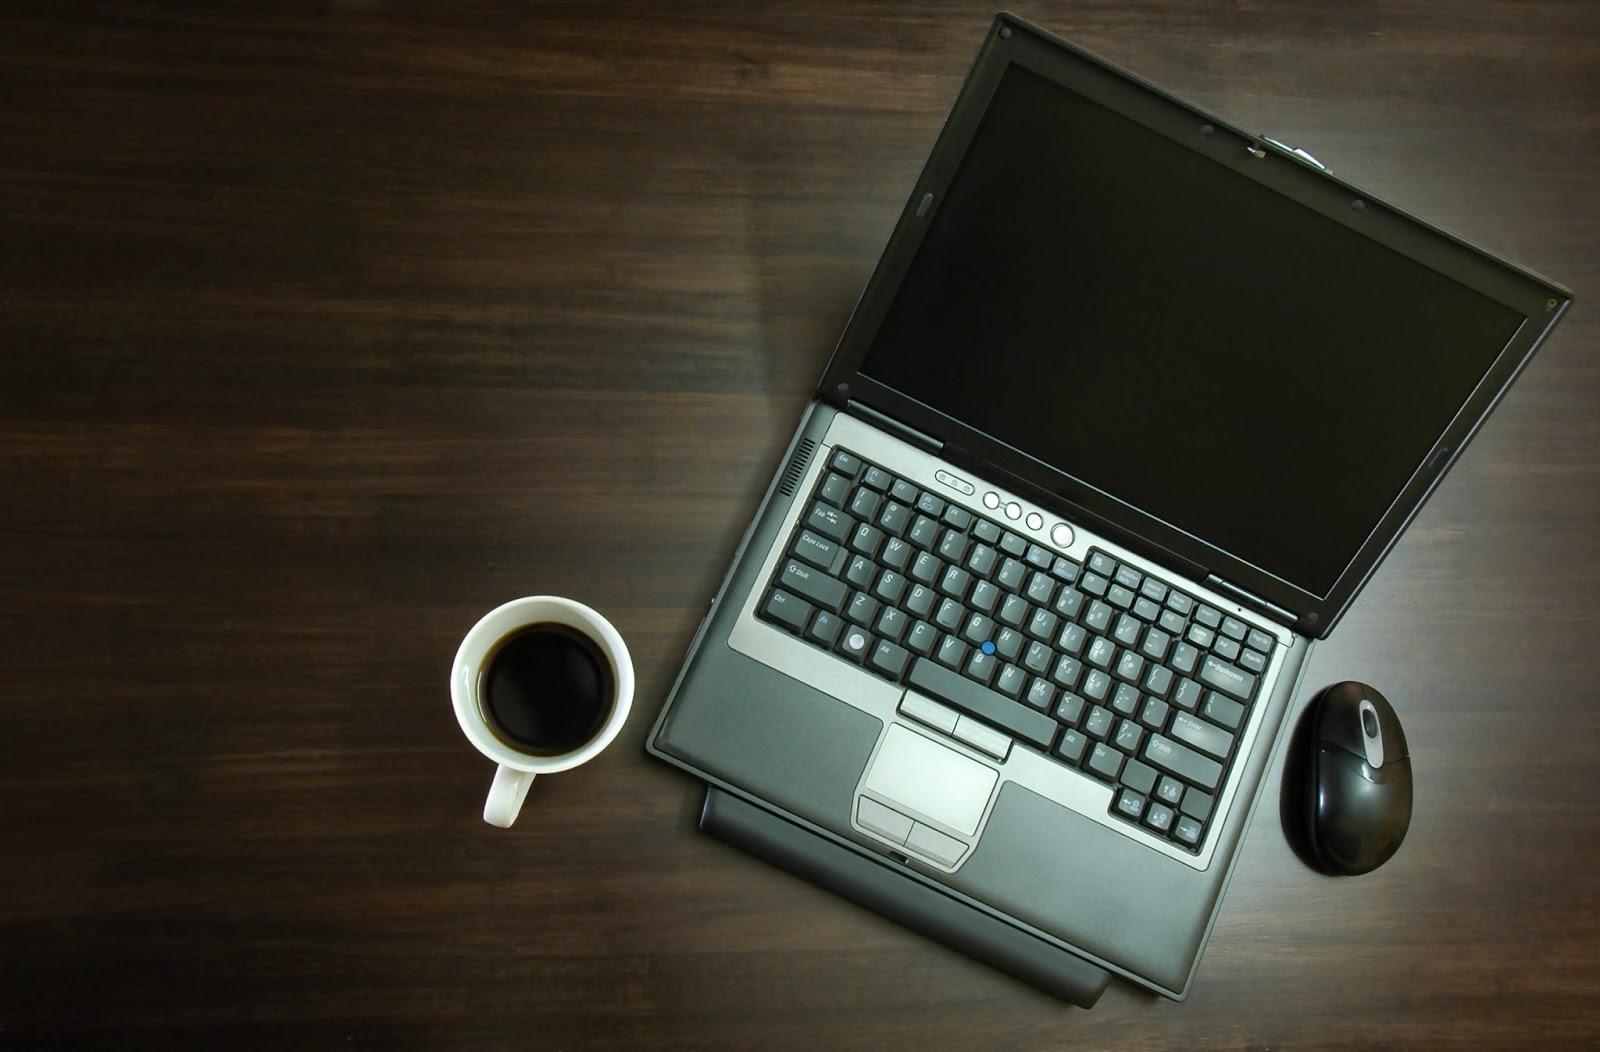 cara baterai laptop awet dan tahan lama